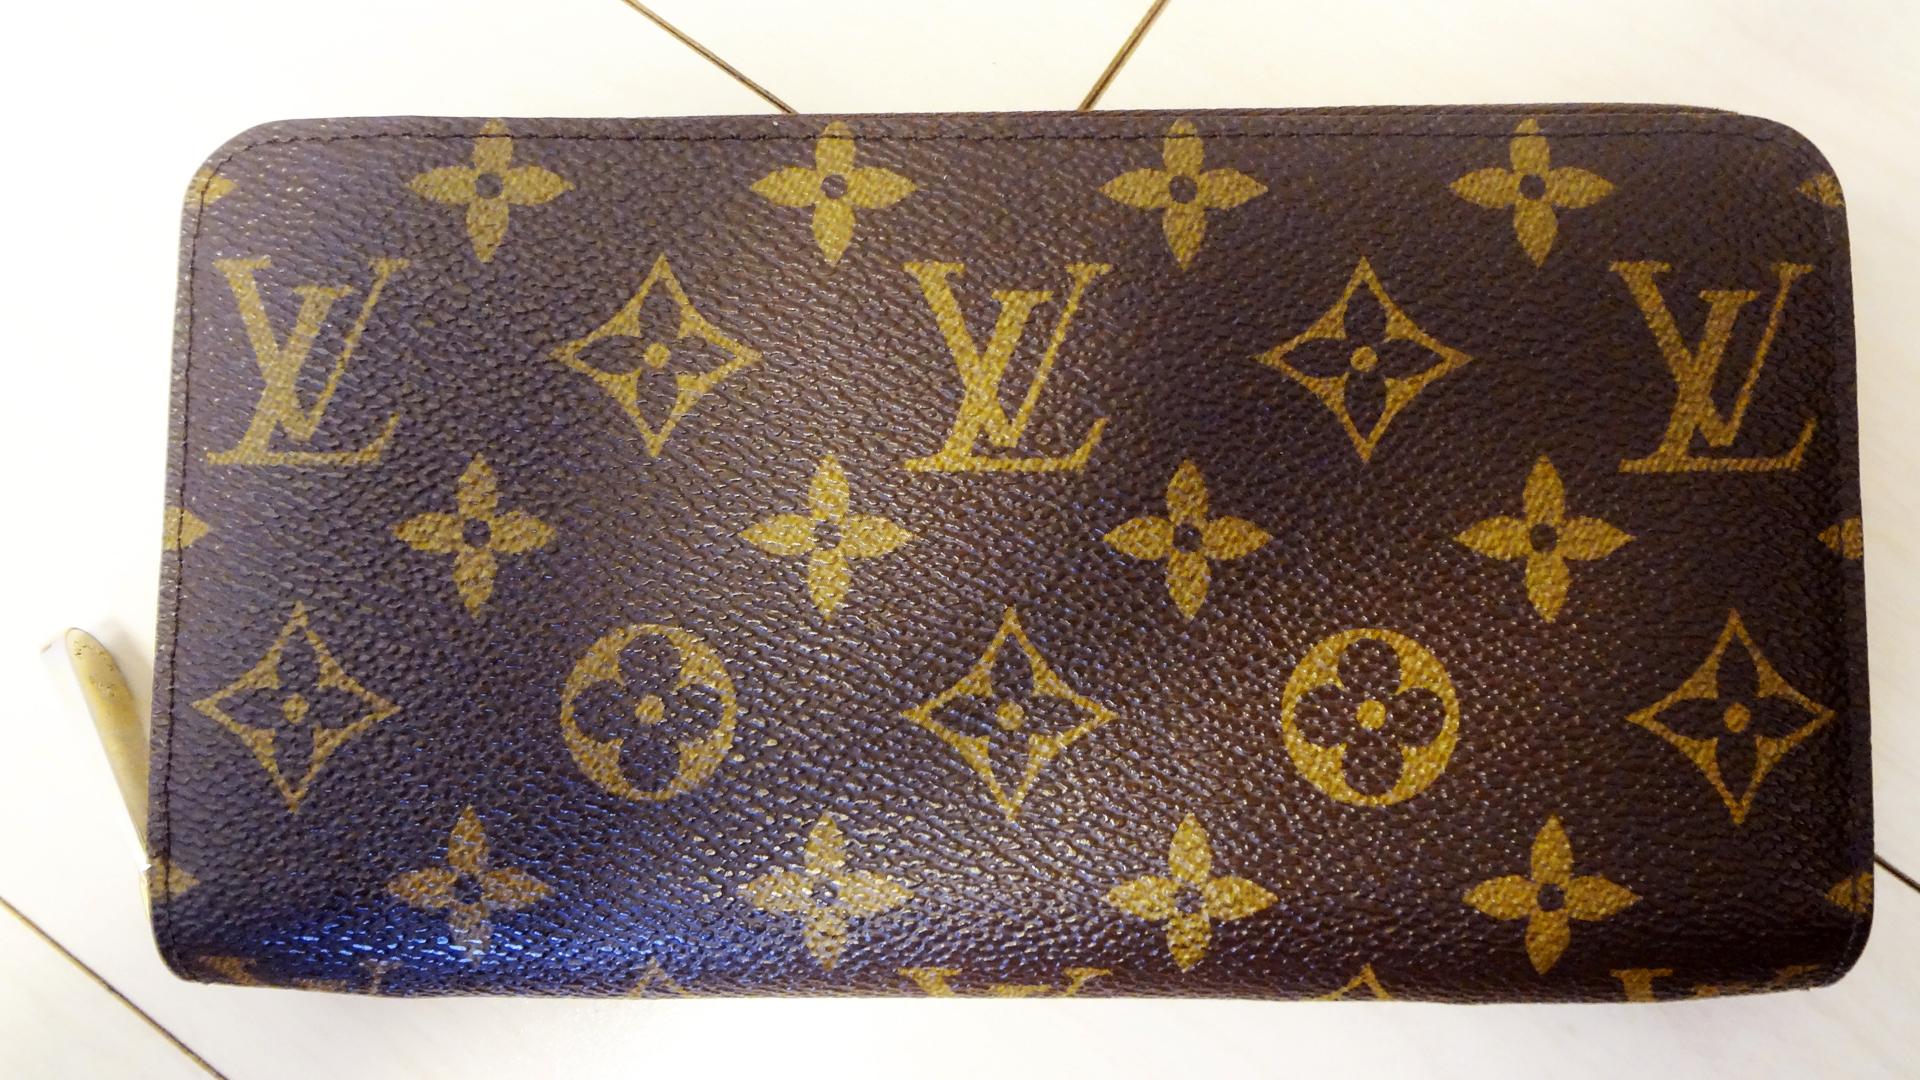 【メンズ】モノグラムの財布はダサい?女性ウケ最悪なのは本当なのか。